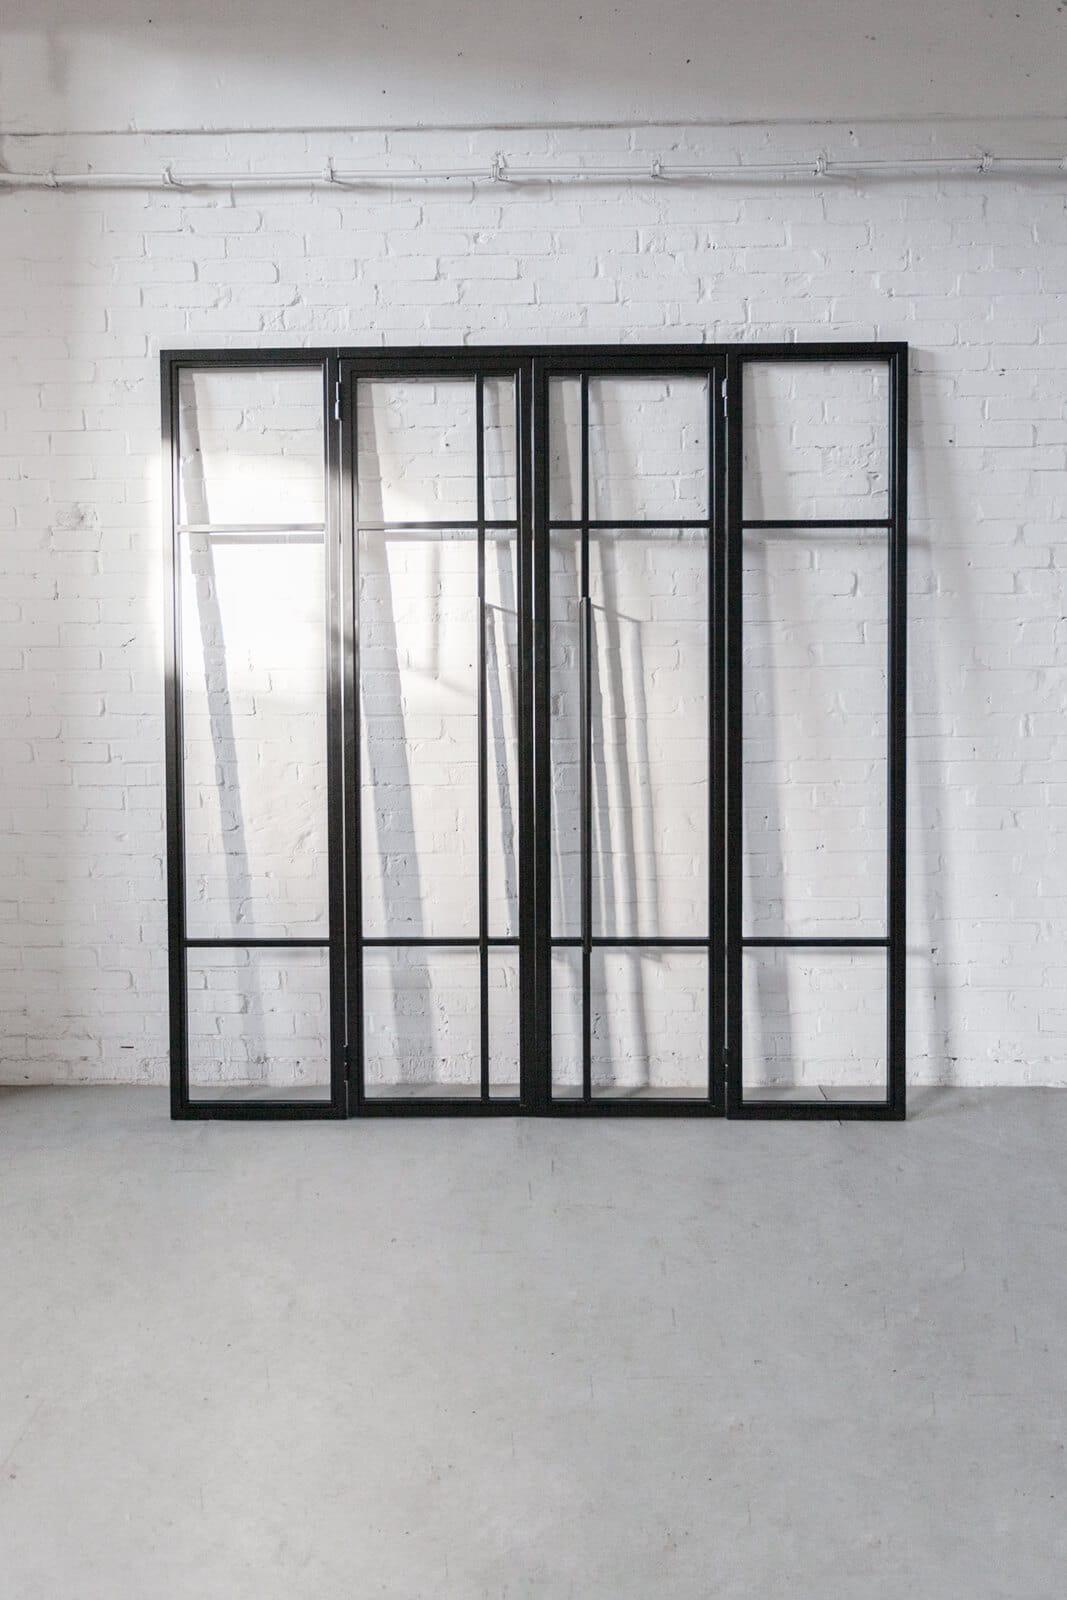 N51E12 Stahl Loft Tür, Glastrennwand, Windfang, Drehtür, Designtür, Steel door, Seel loft door, Windfang, Seitenteile,Drehtür, Doppeltür